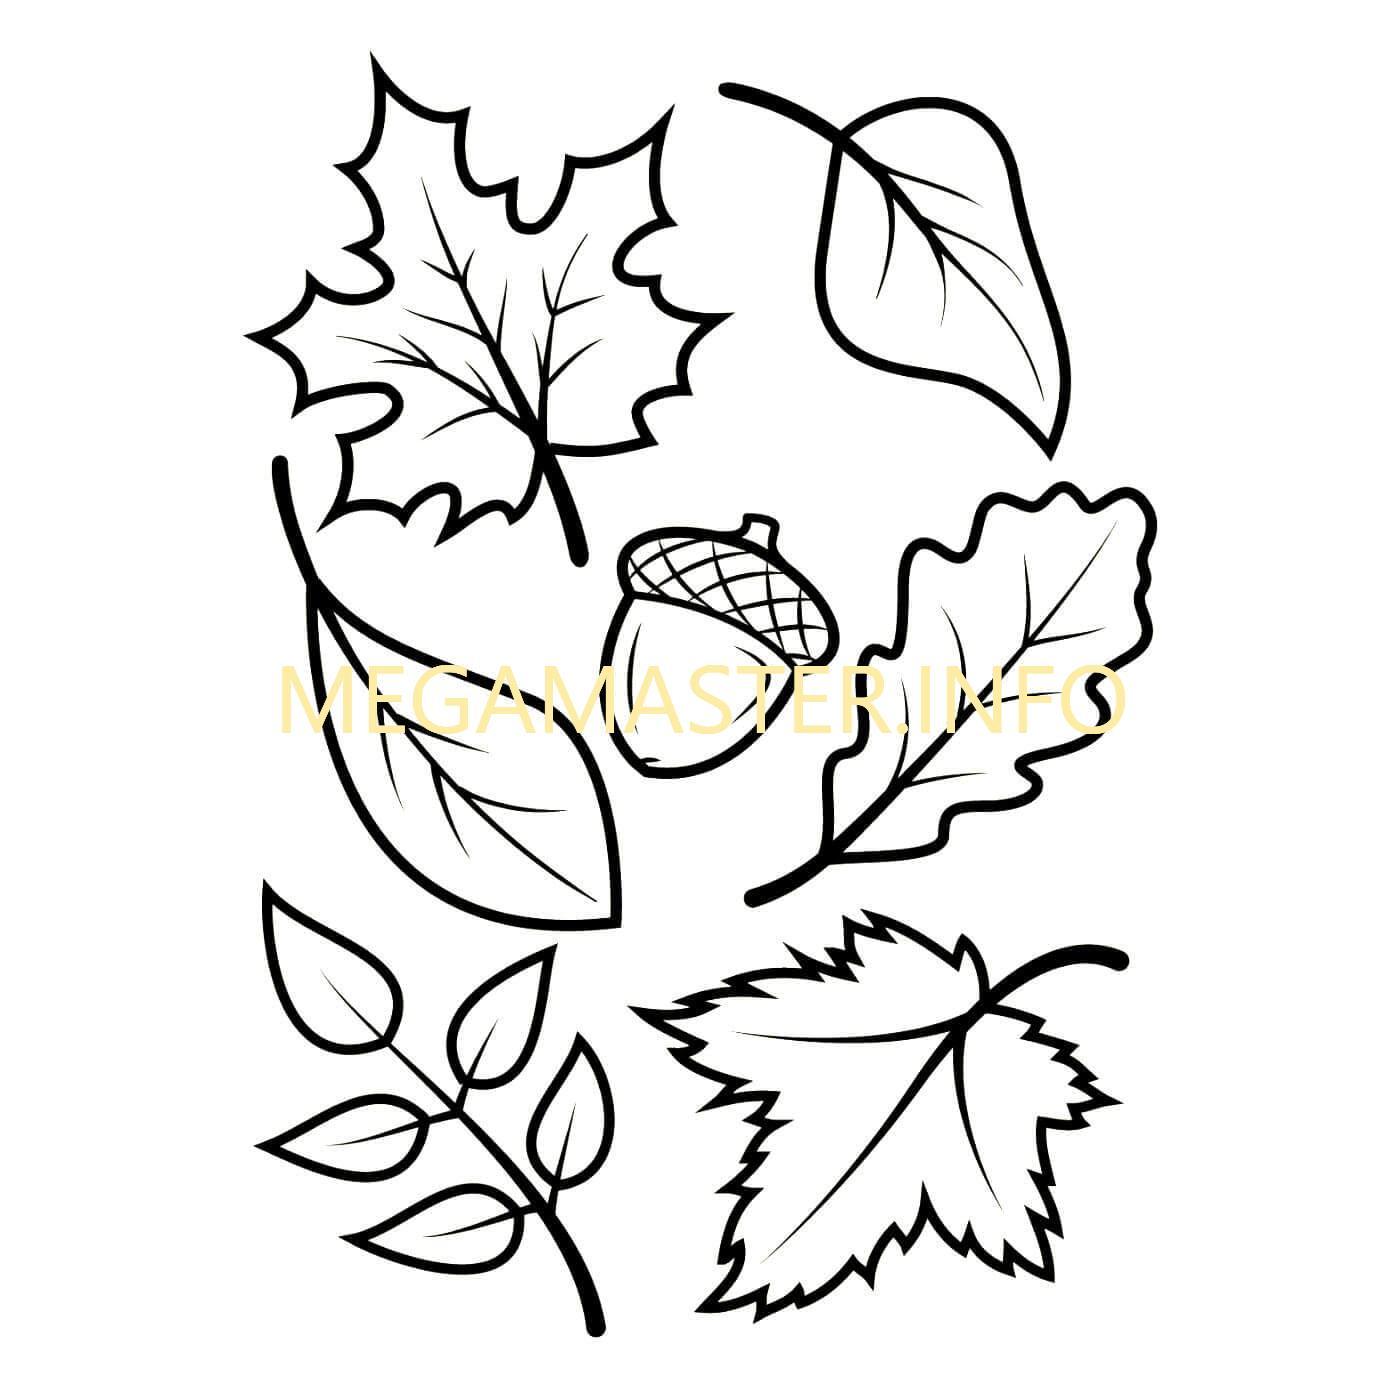 Шаблоны разных листьев